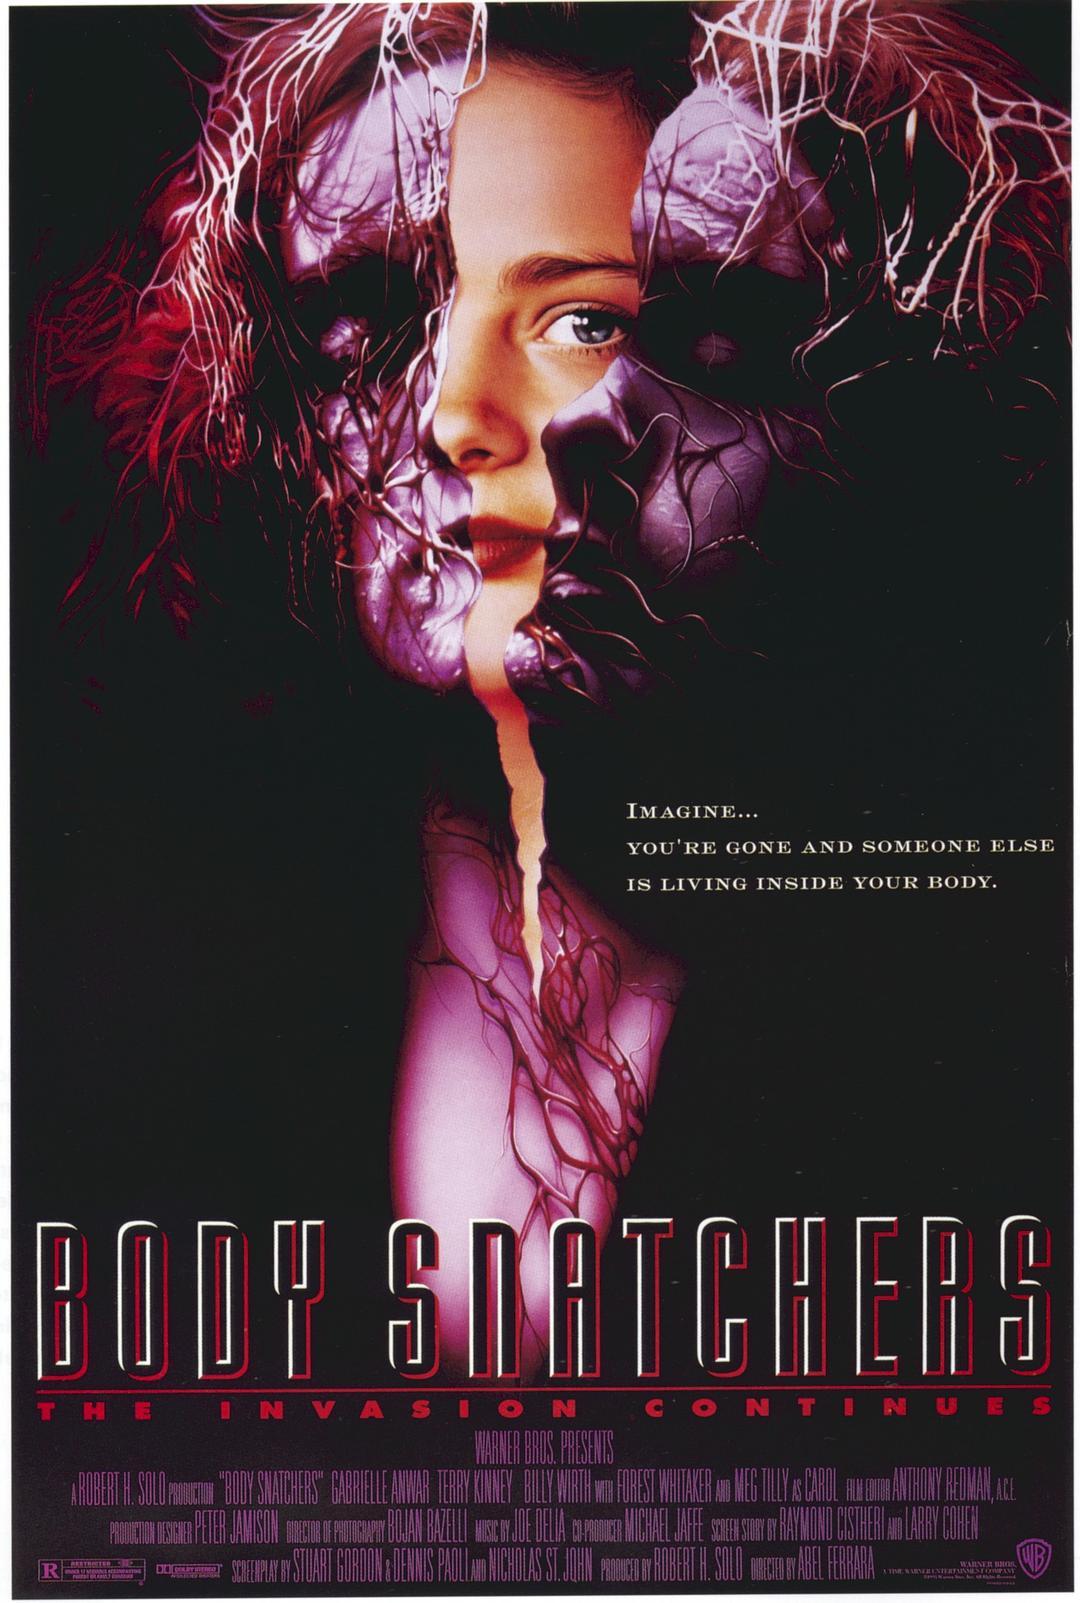 悠悠MP4_MP4电影下载_异形基地/外星人入侵 Body.Snatchers.1993.1080p.BluRay.x264-PSYCHD 6.56GB